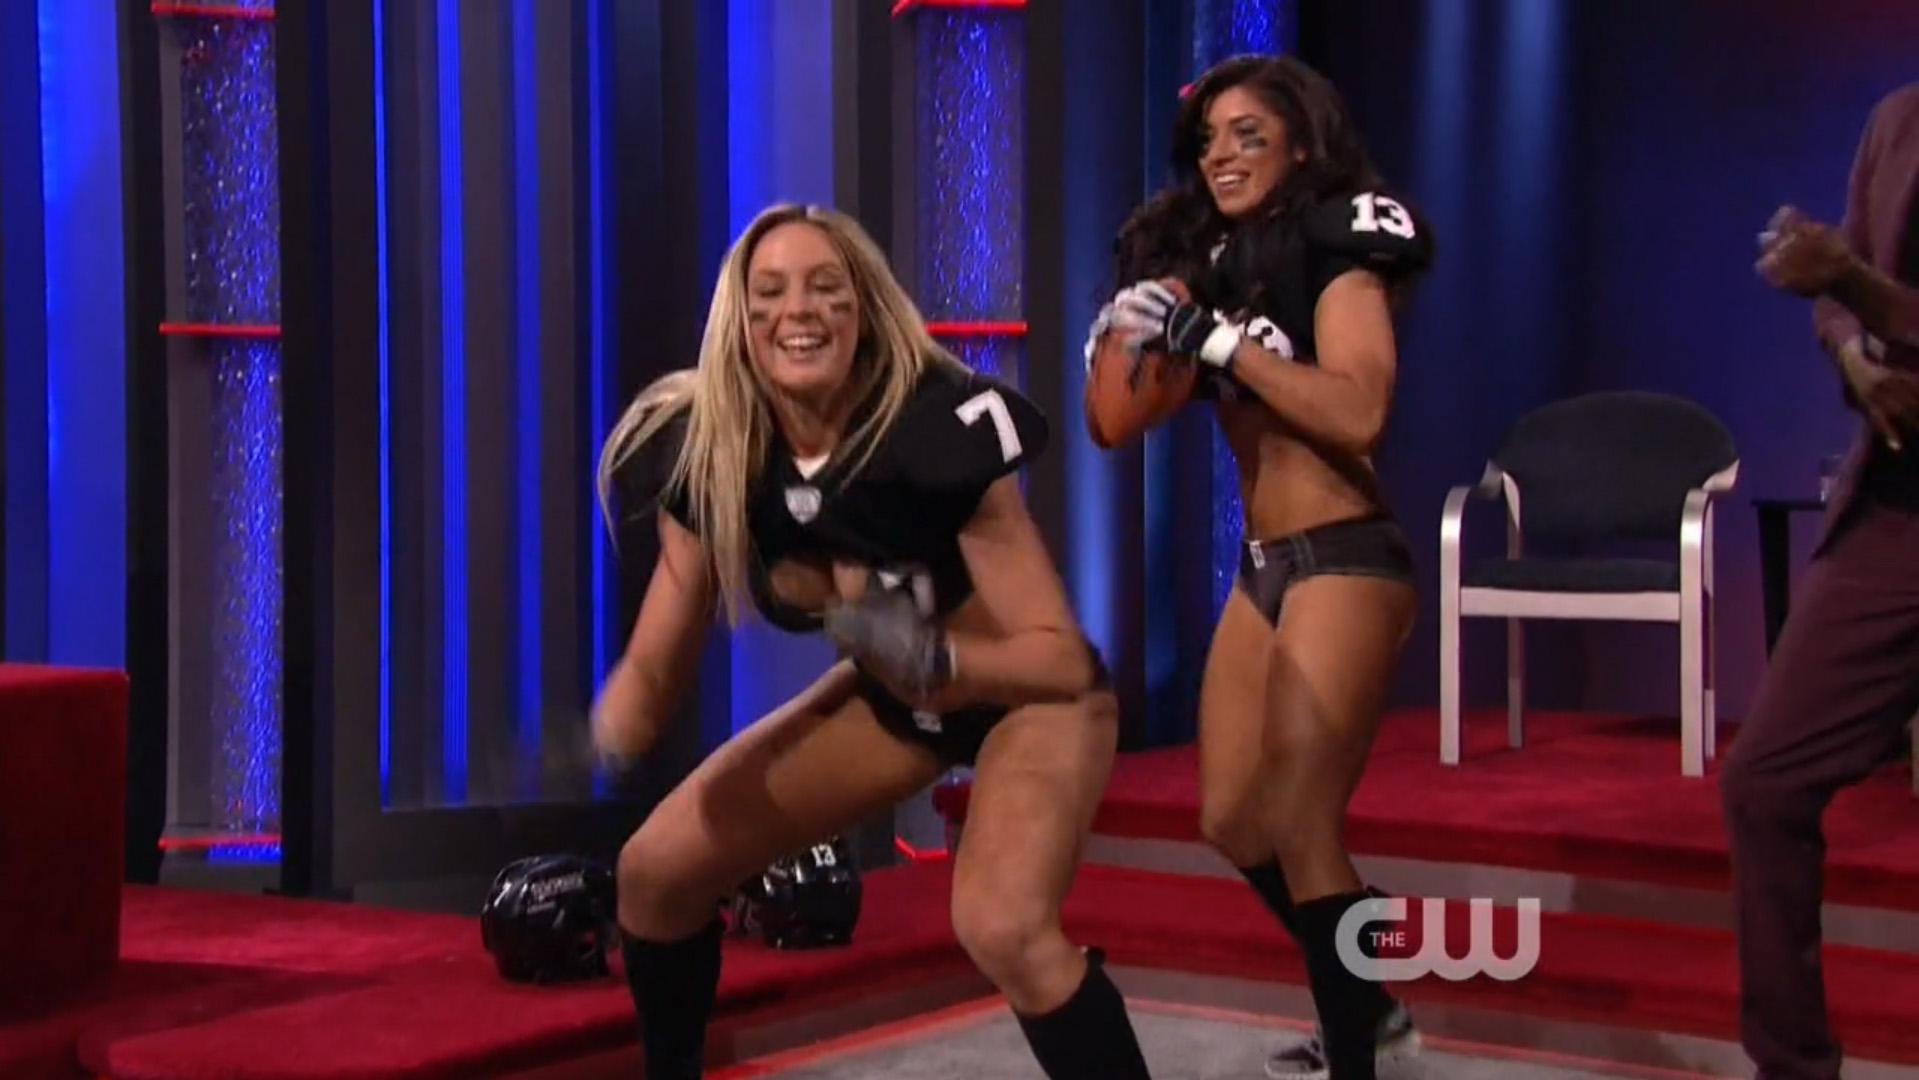 Chloe Butler and Monique Gaxiola